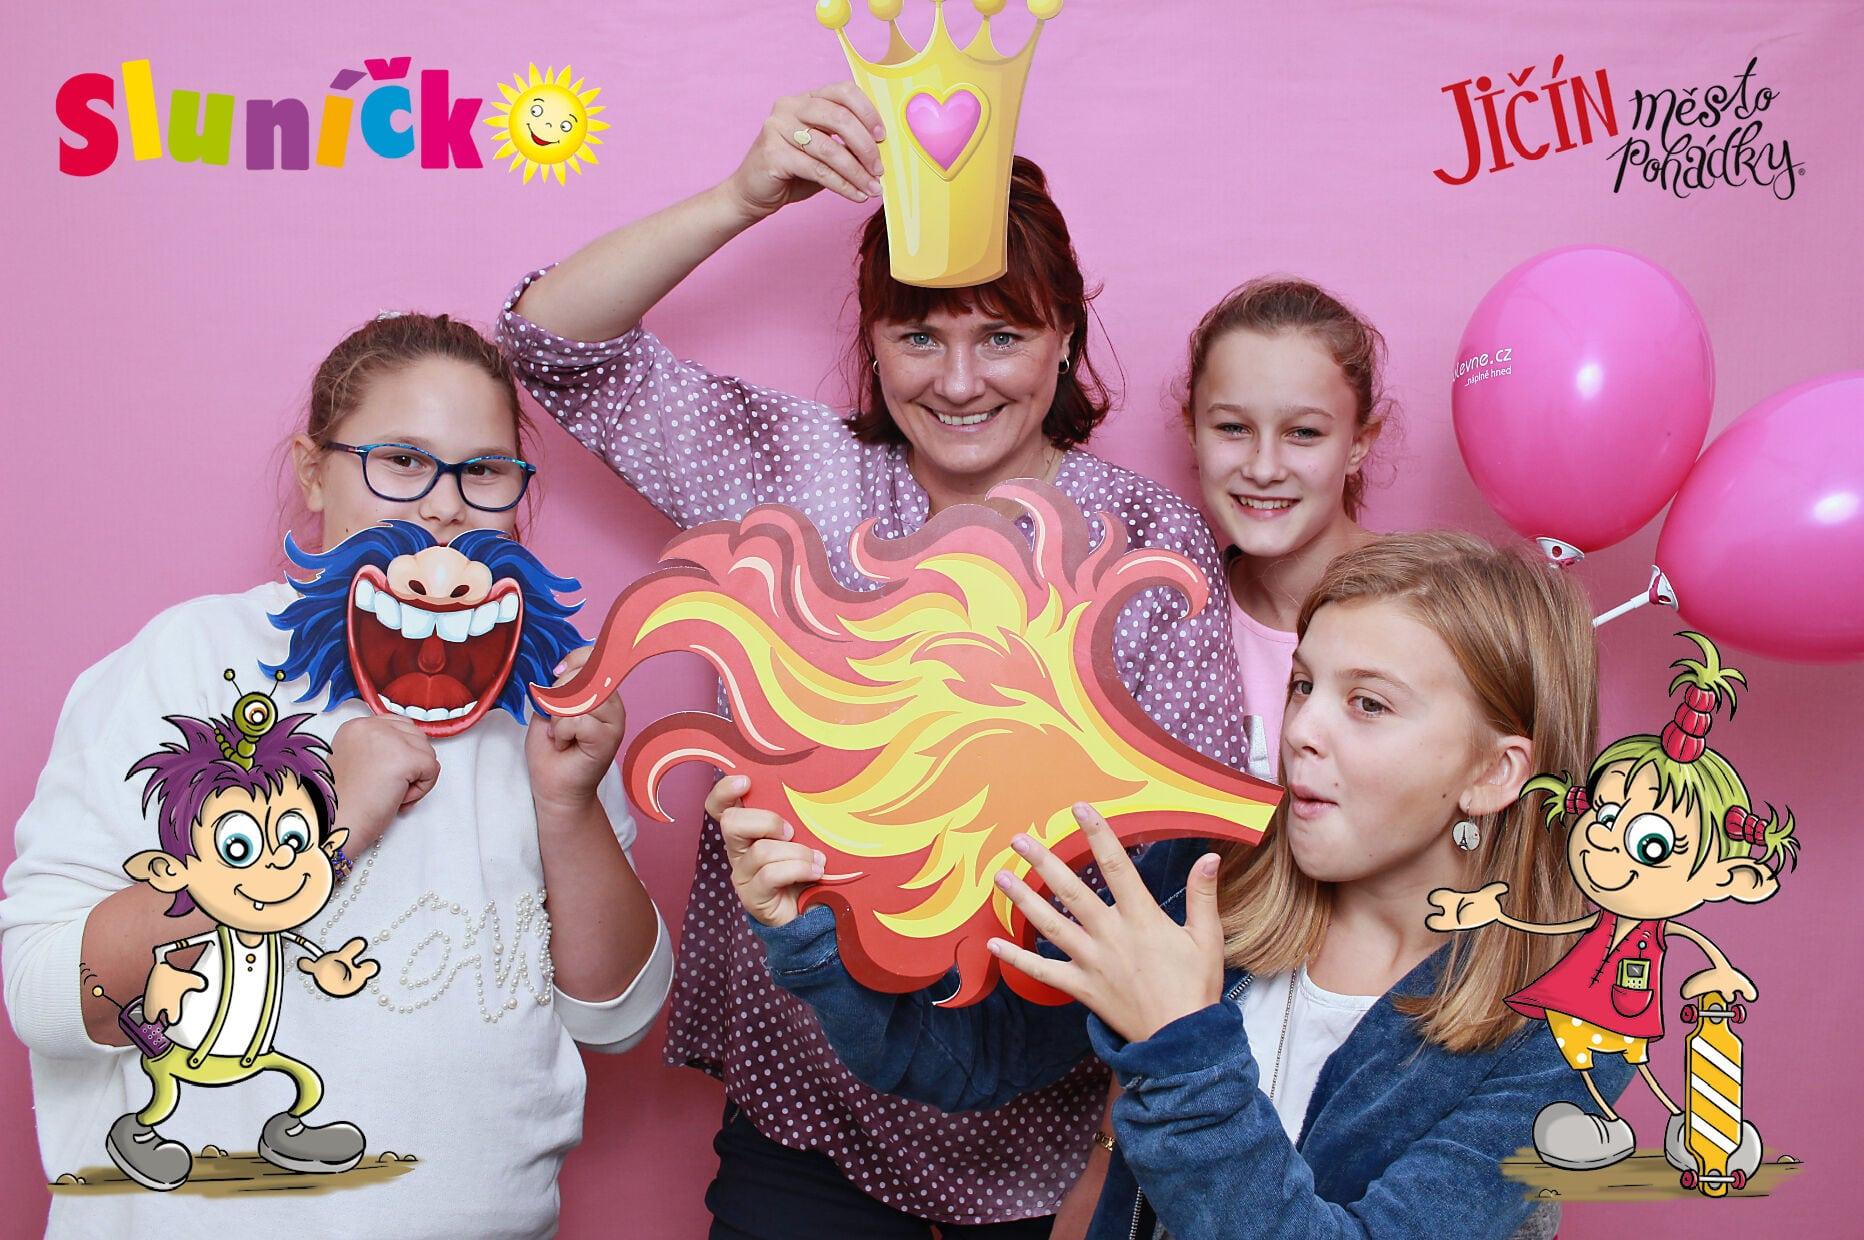 fotokoutek-jicin-mesto-pohadky-14-9-2018-490133